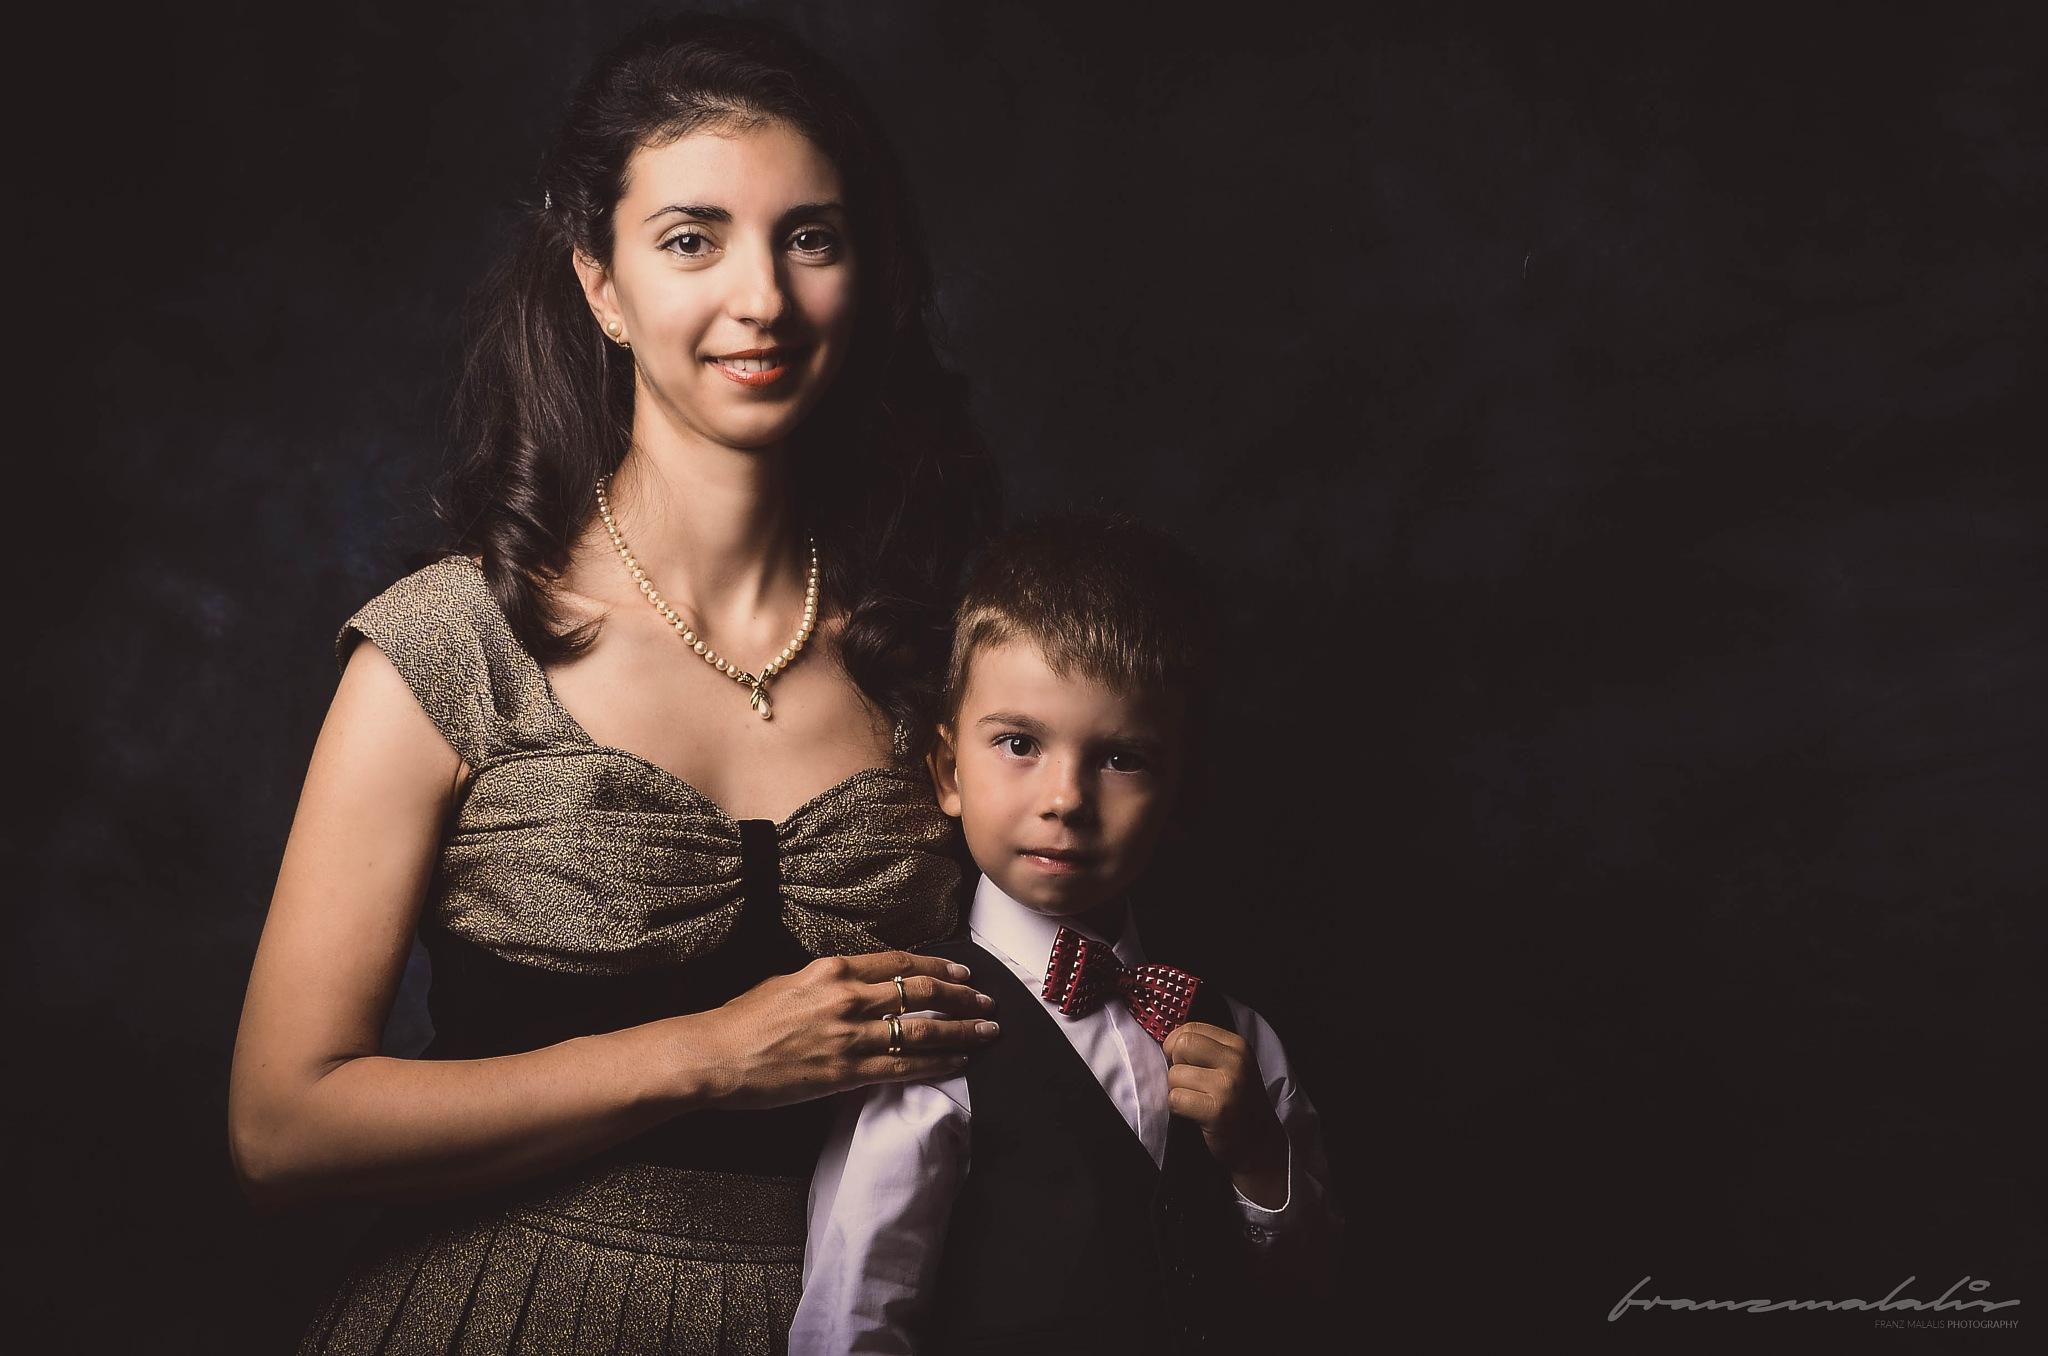 Portrait De La Mère Et Du Fils by MurdockFotografo